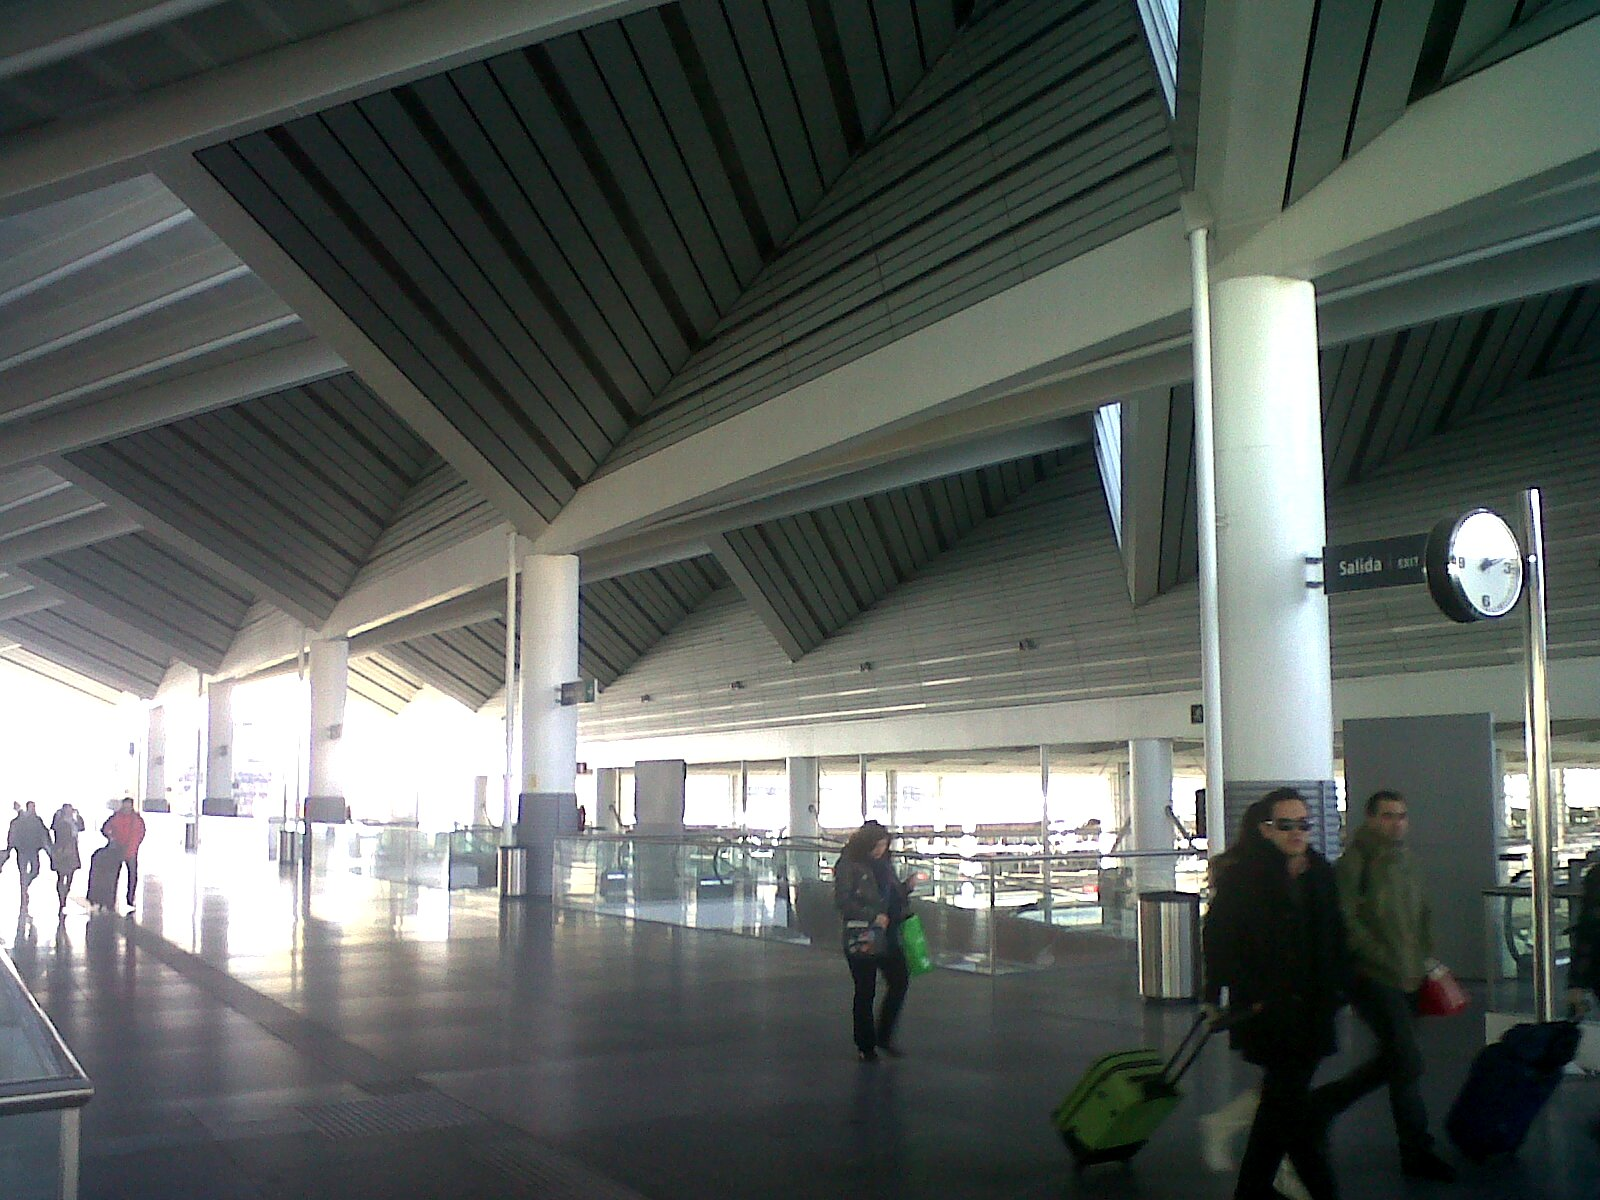 Pasi n por madrid la terminal de llegadas de la estaci n for Oficina europcar atocha